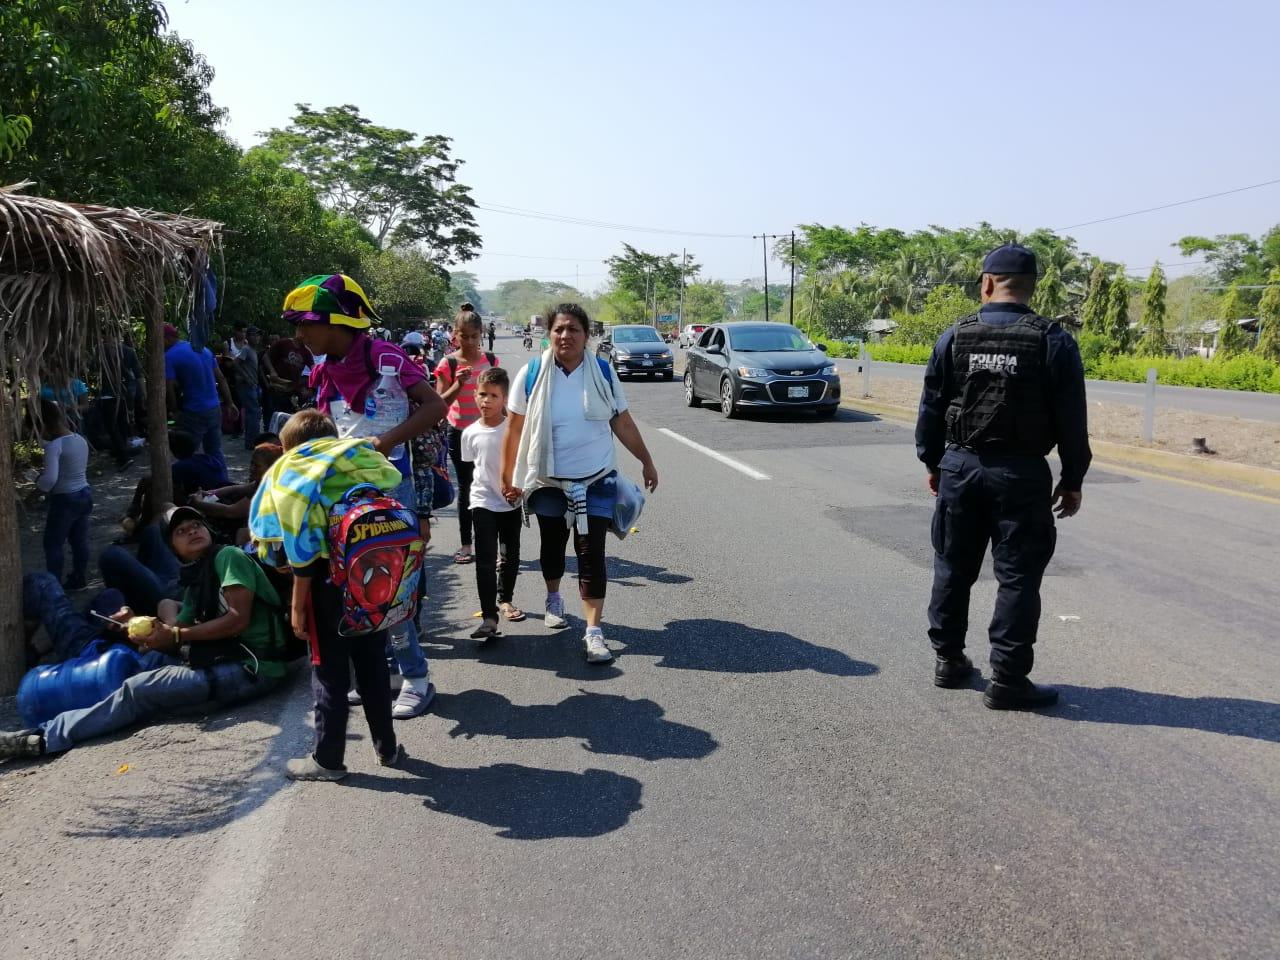 La Iglesia en Tapachula preocupada por las medidas migratorias